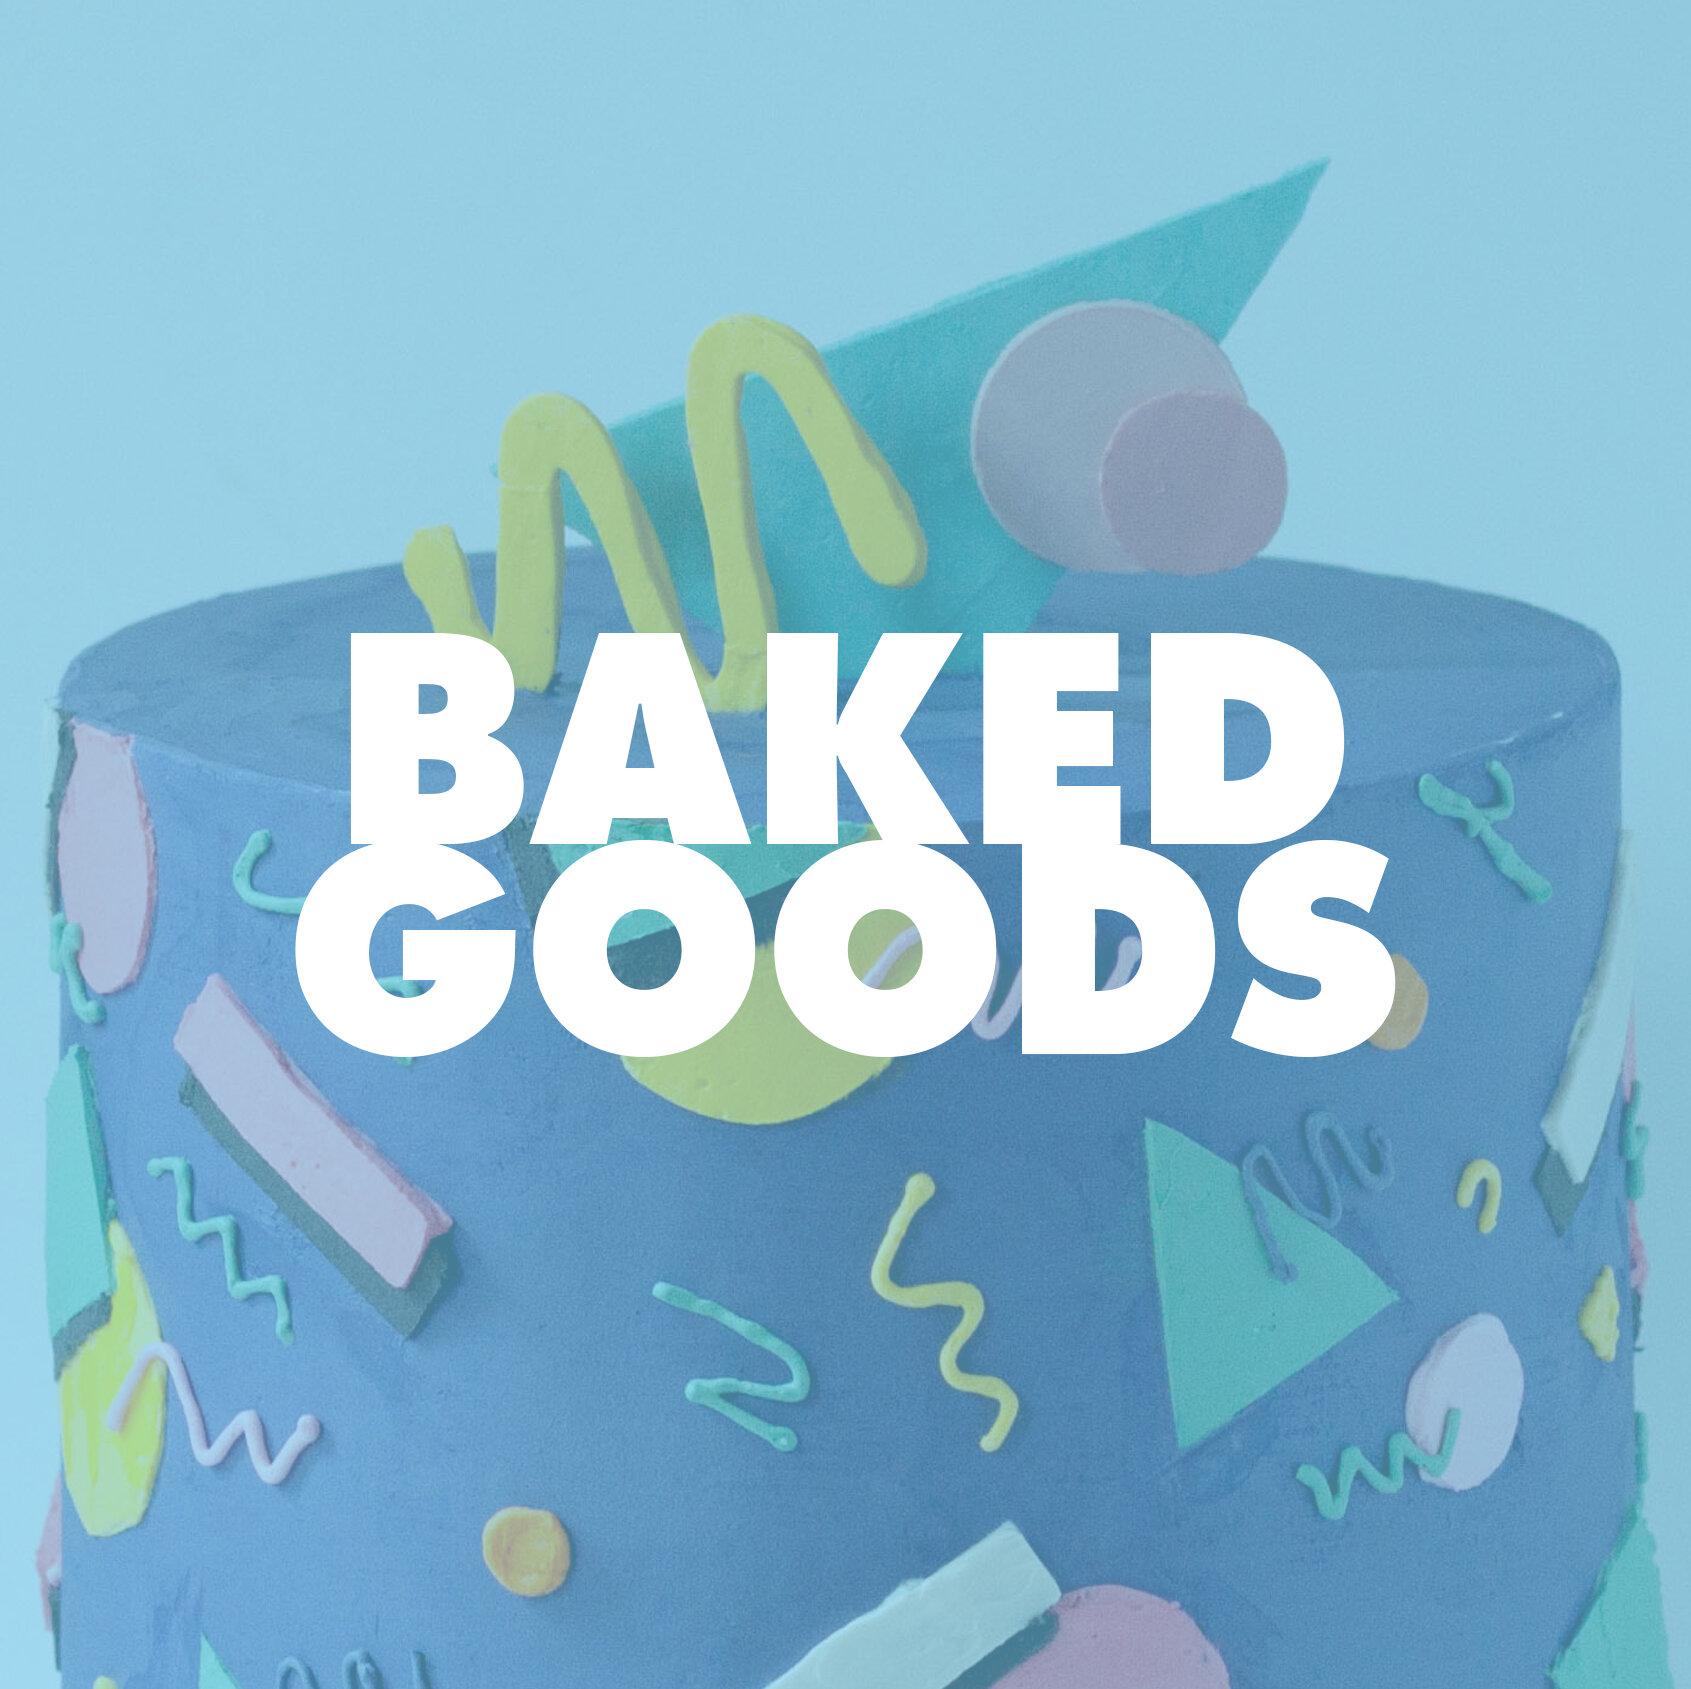 baked-goods-sept-2019.jpg